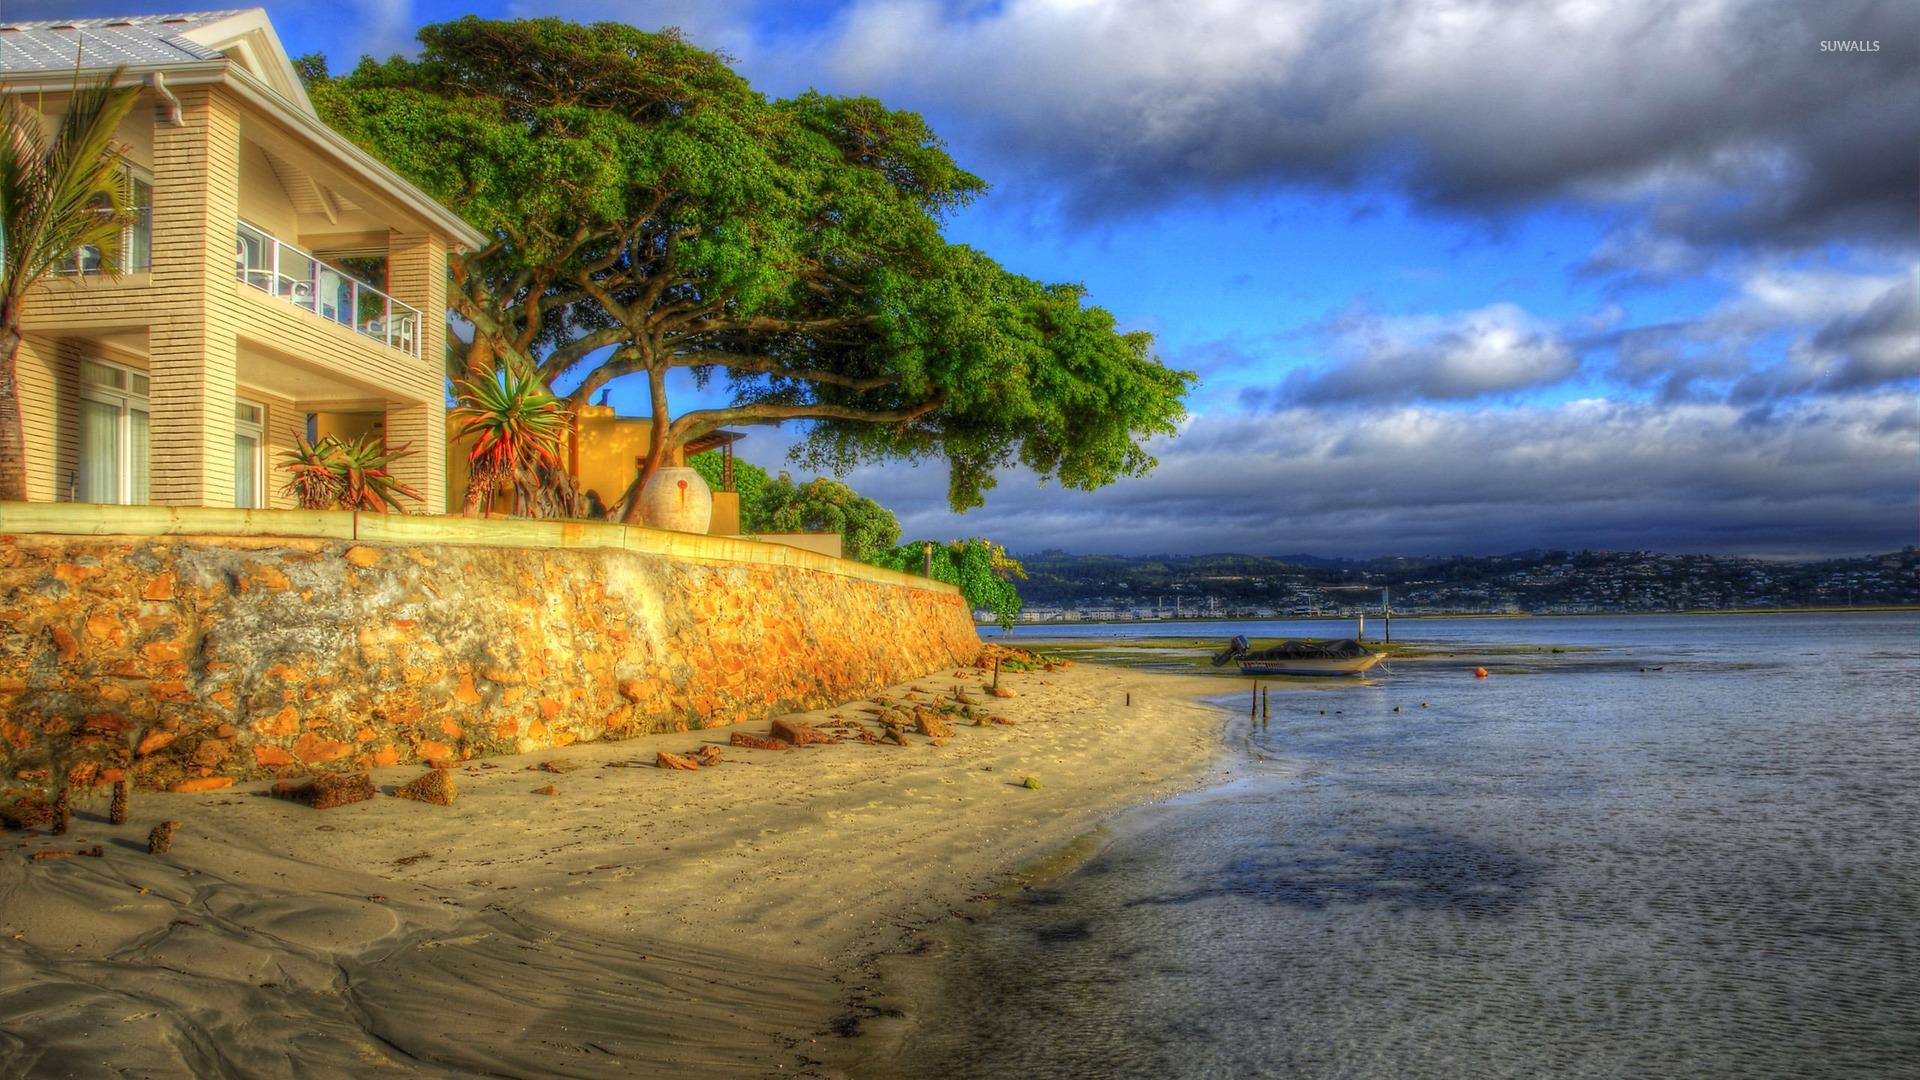 Sandy Beach Wallpaper: House On Sandy Beach Wallpaper